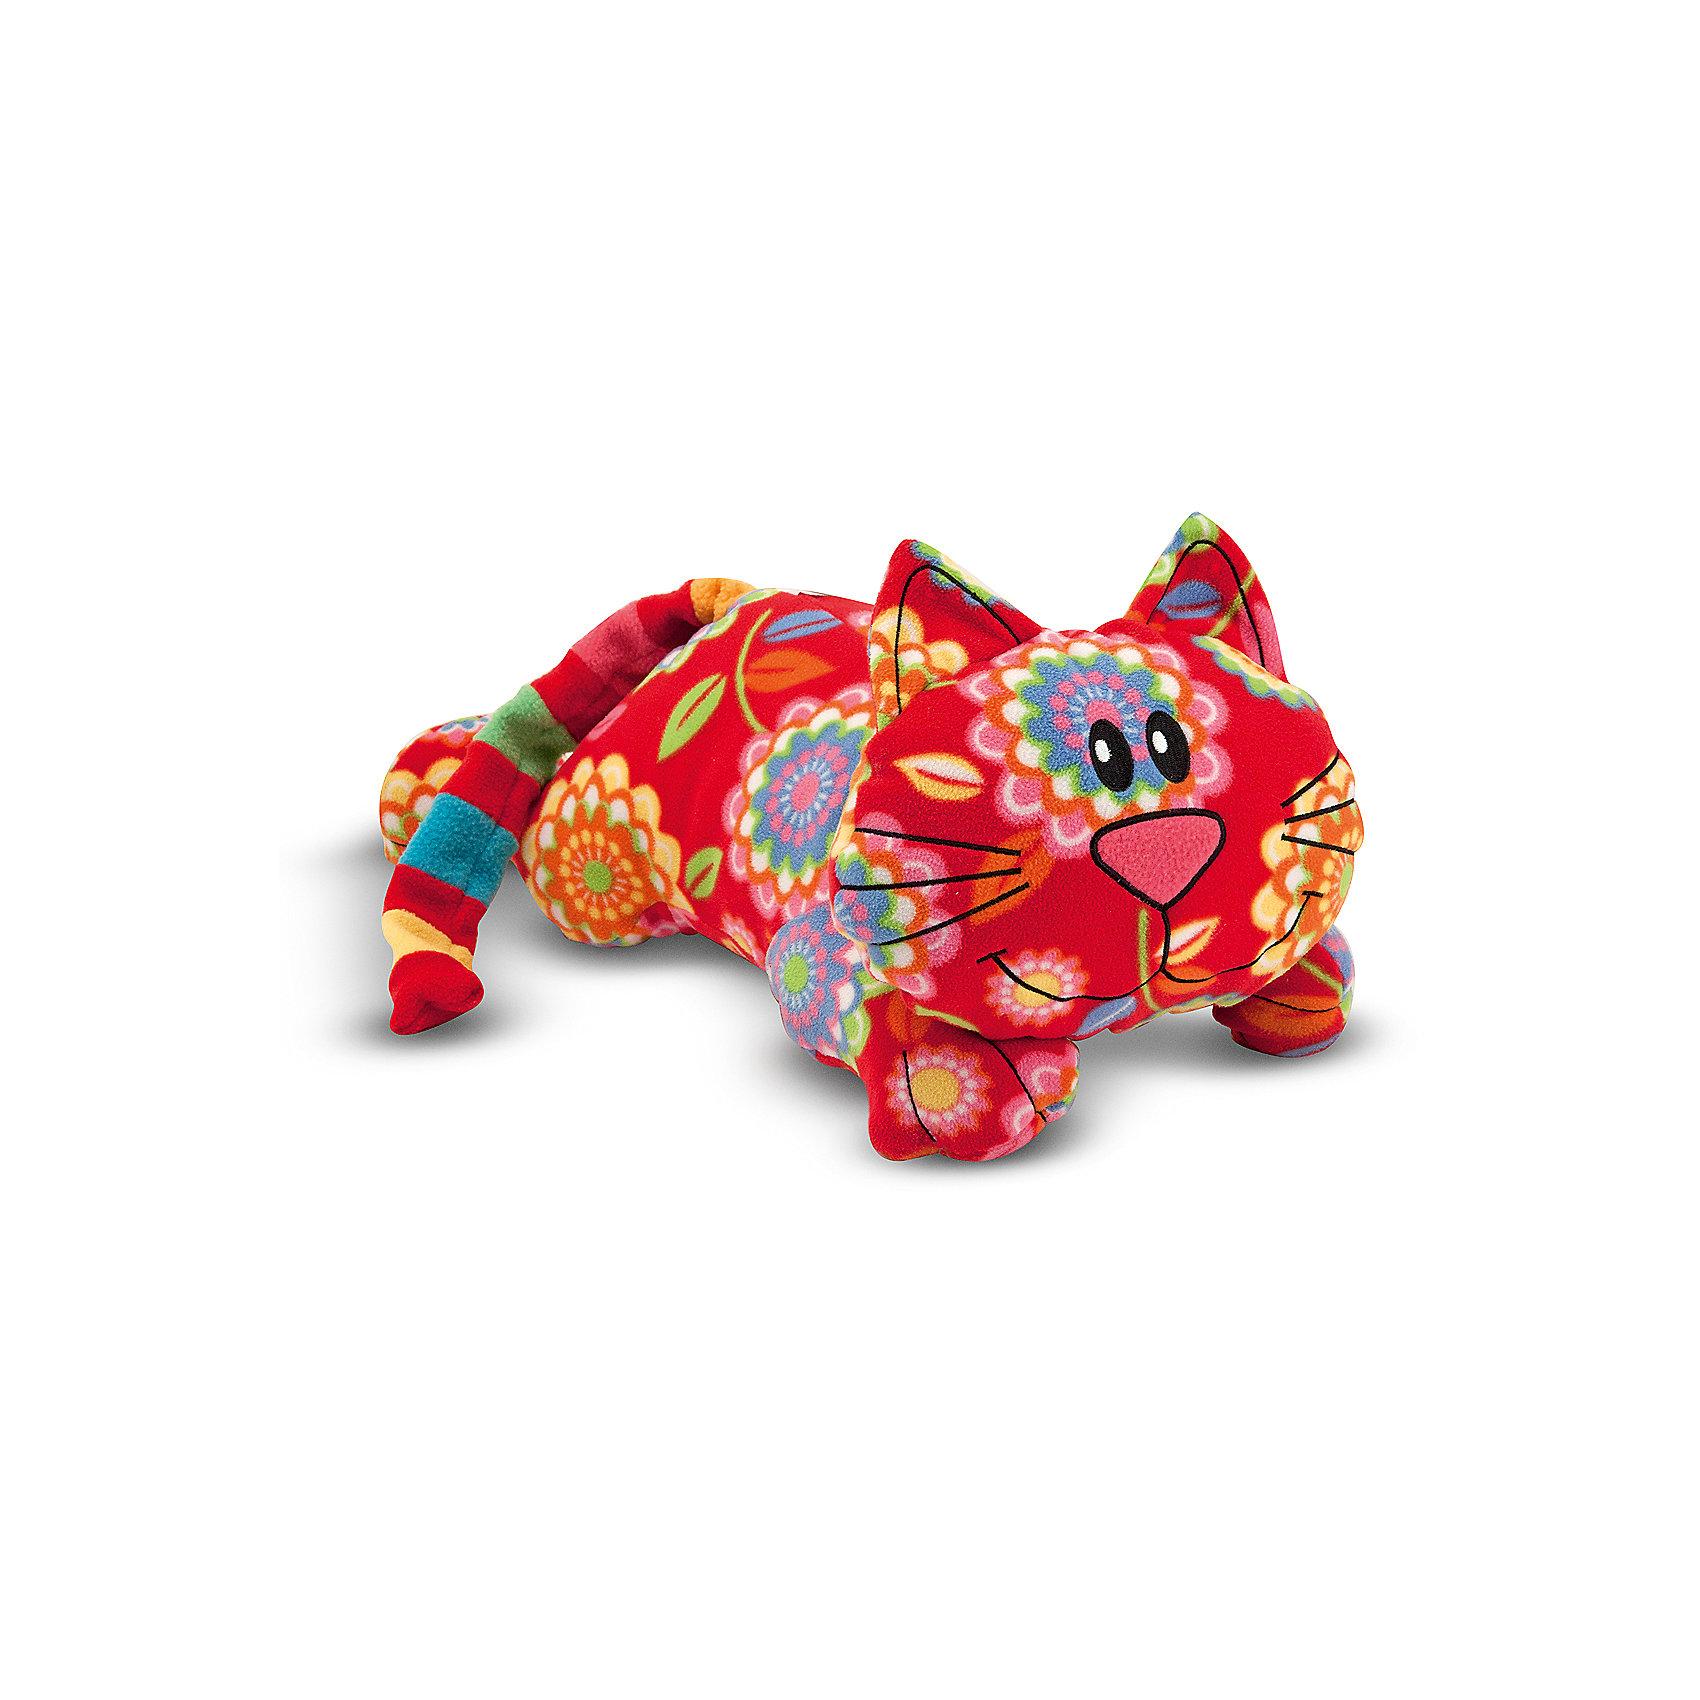 Мягкая игрушка Melissa&amp;Doug Кот ТобиКошки и собаки<br>Мягкая игрушка Кот Тоби, Melissa &amp; Doug (Мелисса и Даг) – это очаровательный веселый котенок необычной расцветки.<br>Этого симпатичного котенка зовут Тоби, у него очаровательная улыбка, яркий полосатый хвостик,  а туловище украшено большими сказочными цветами. Нет никаких пластмассовых деталей - глаза, нос, усы и улыбка котенка – вышитые. Тоби станет настоящим другом Вашего малыша на долгие годы. С таким необычным котенком весело играть и уютно спать в обнимку, его можно брать с собой на прогулку, в гости или в путешествие. Игрушка изготовлена из экологически чистого и безопасного материала.<br><br>Дополнительная информация:<br><br>- Материал: ультрамягкий флис<br>- Размер игрушки: 40 см.<br><br>Мягкую игрушку Кот Тоби, Melissa &amp; Doug (Мелисса и Даг) можно купить в нашем интернет-магазине.<br><br>Ширина мм: 400<br>Глубина мм: 250<br>Высота мм: 200<br>Вес г: 113<br>Возраст от месяцев: 36<br>Возраст до месяцев: 192<br>Пол: Унисекс<br>Возраст: Детский<br>SKU: 4005812